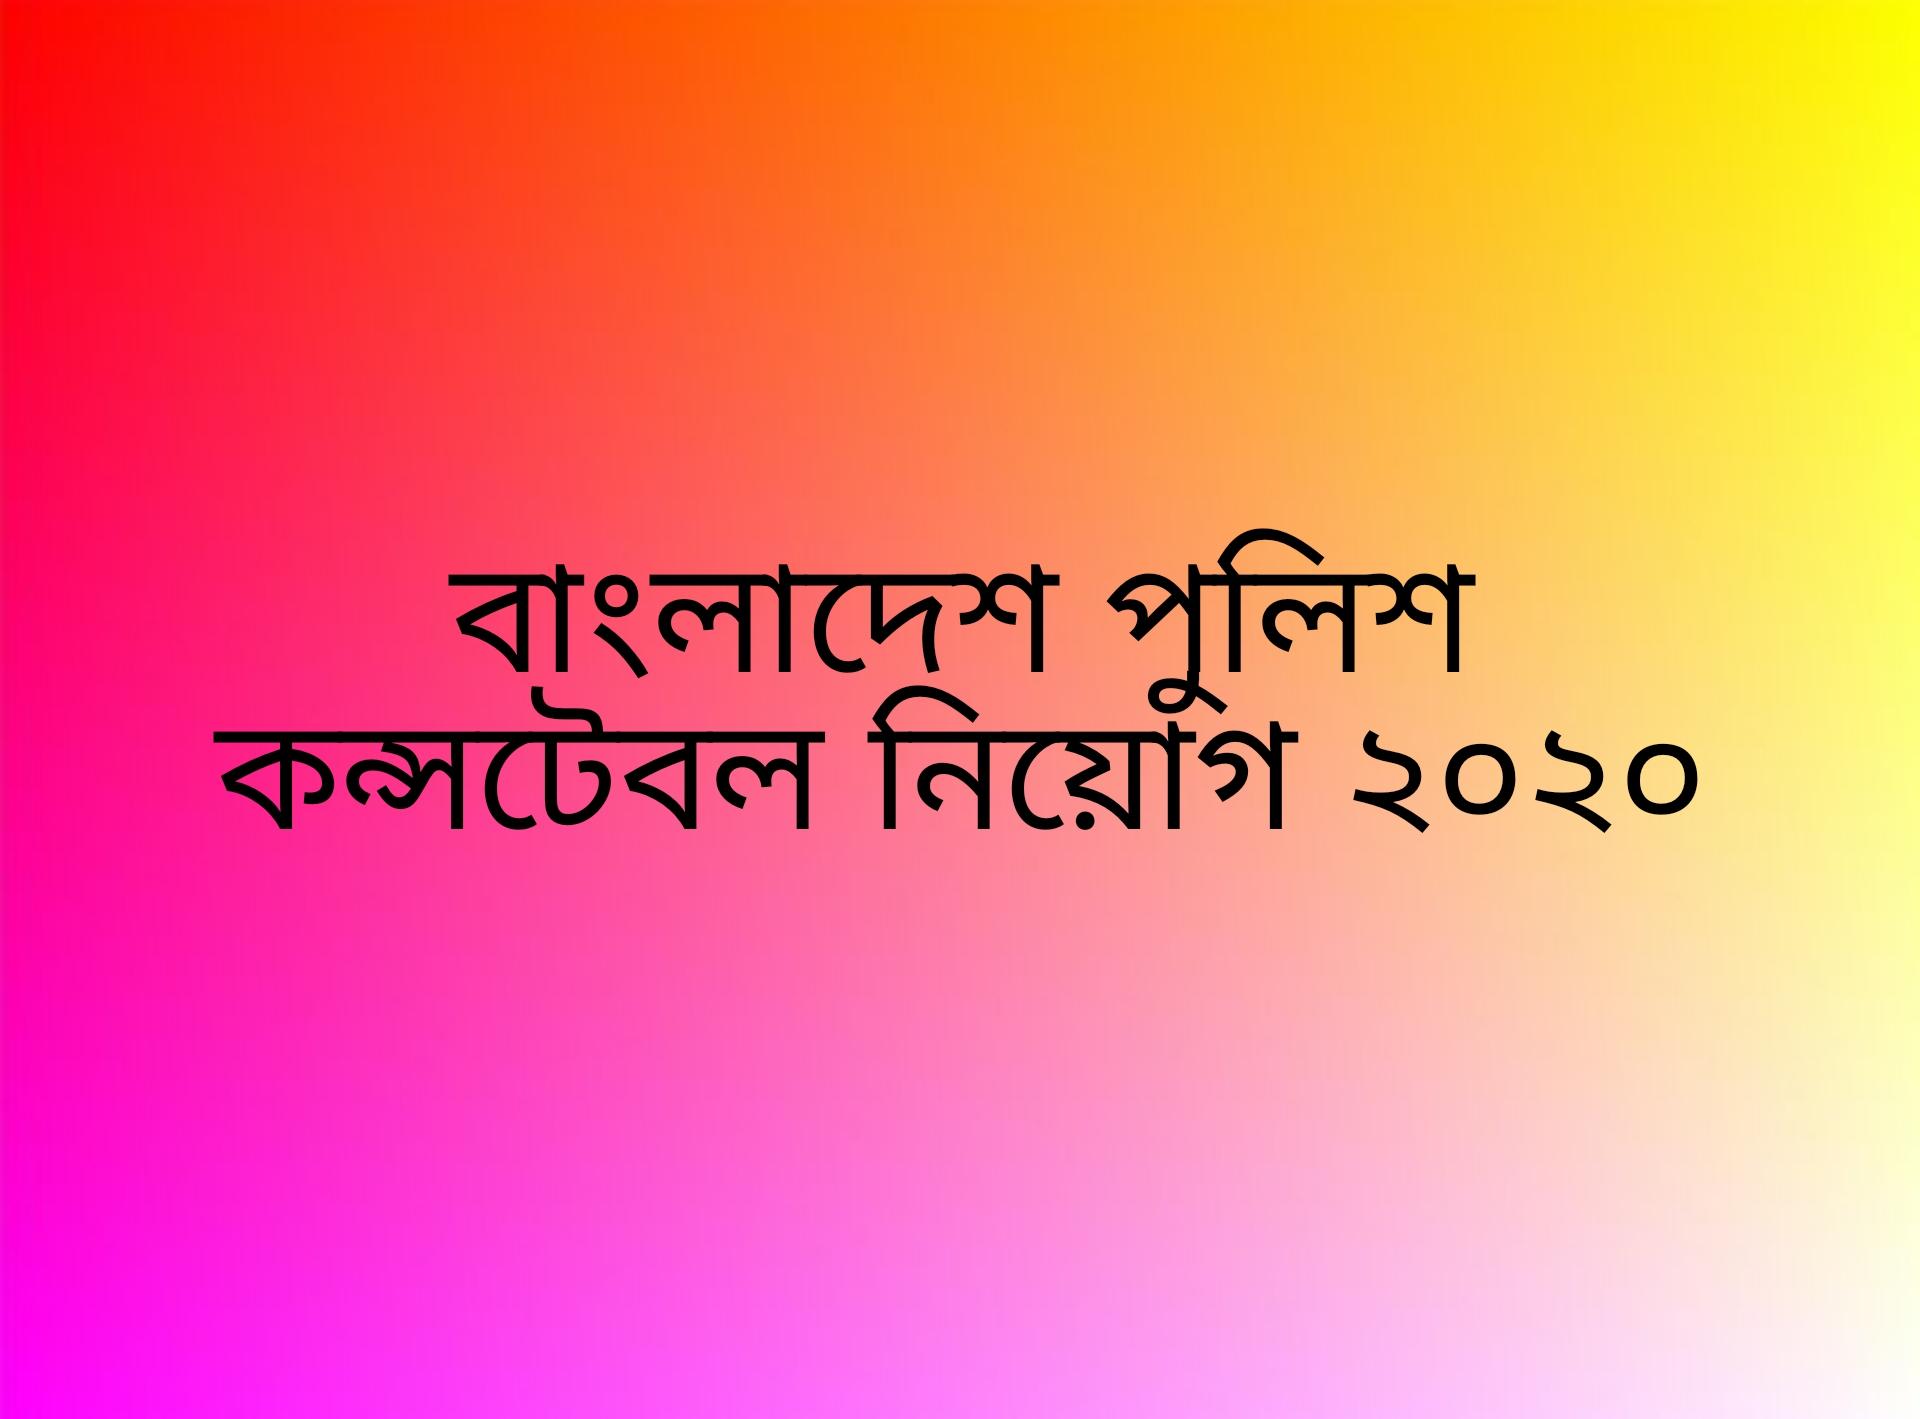 বাংলাদেশ পুলিশ জব সার্কুলার ২০২০, বাংলাদেশ পুলিশ কন্সটেবল নিয়োগ ২০২০, Bangladesh police job circular